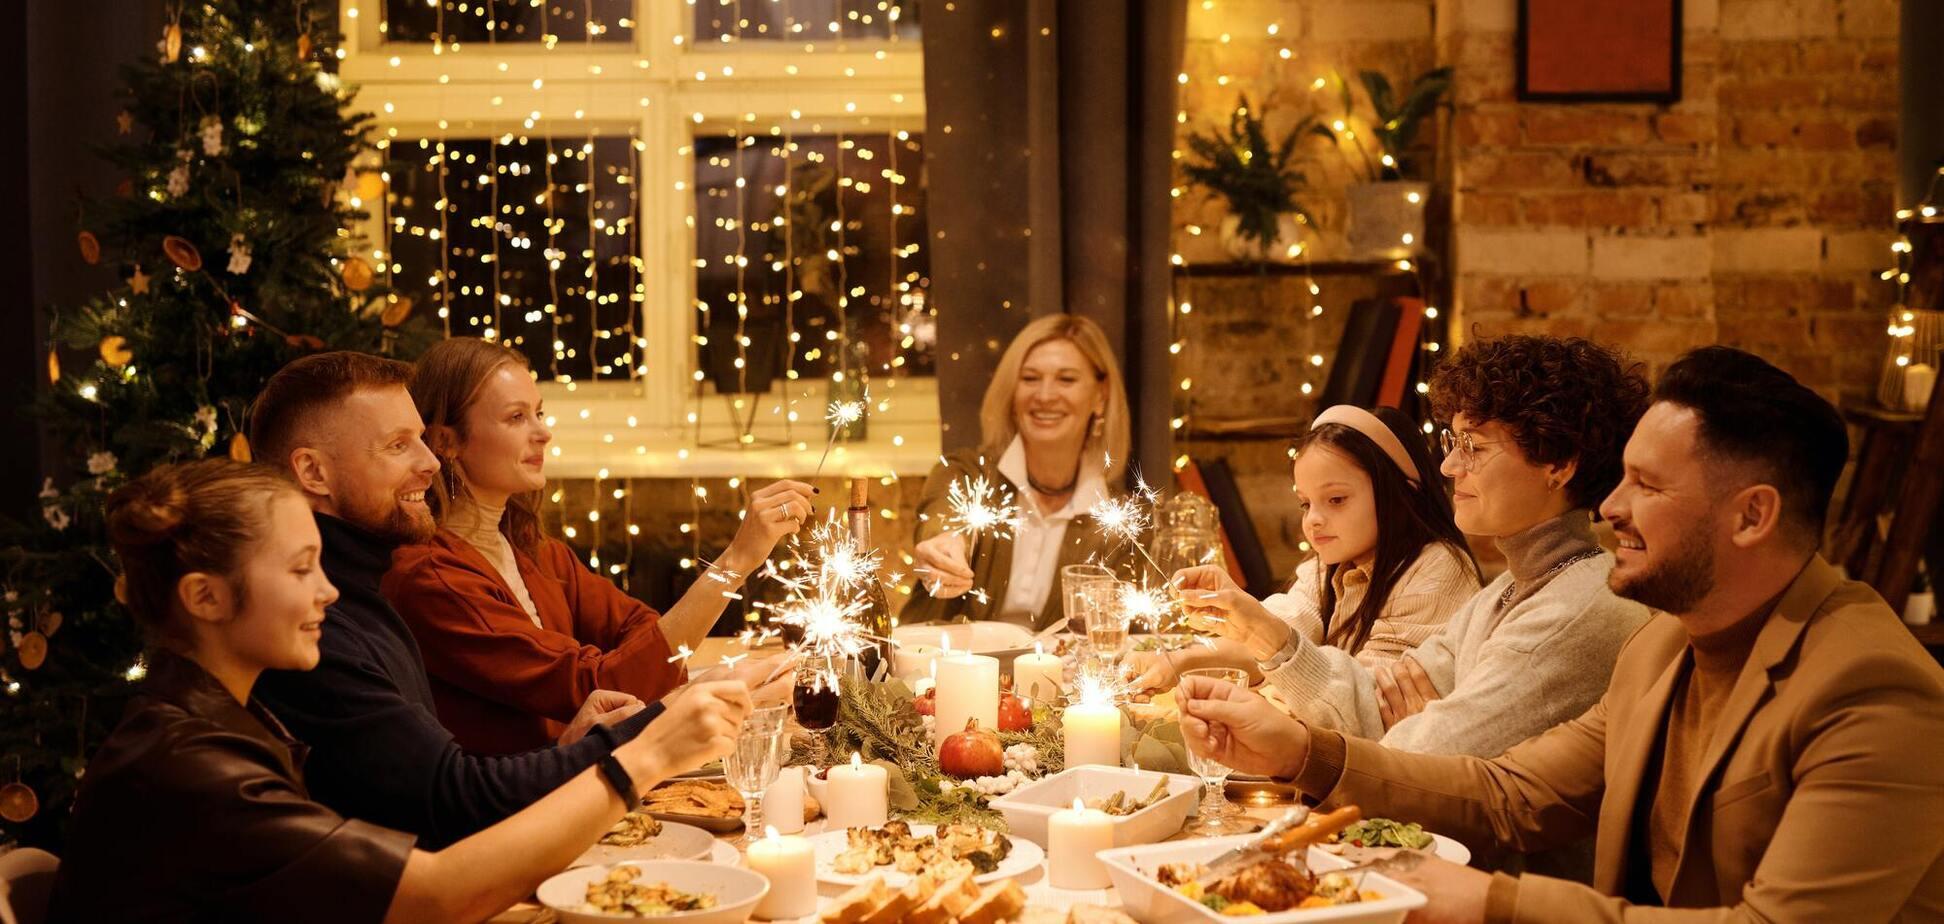 Декоратор рекомендує прикрашати стіл свічками і фруктами